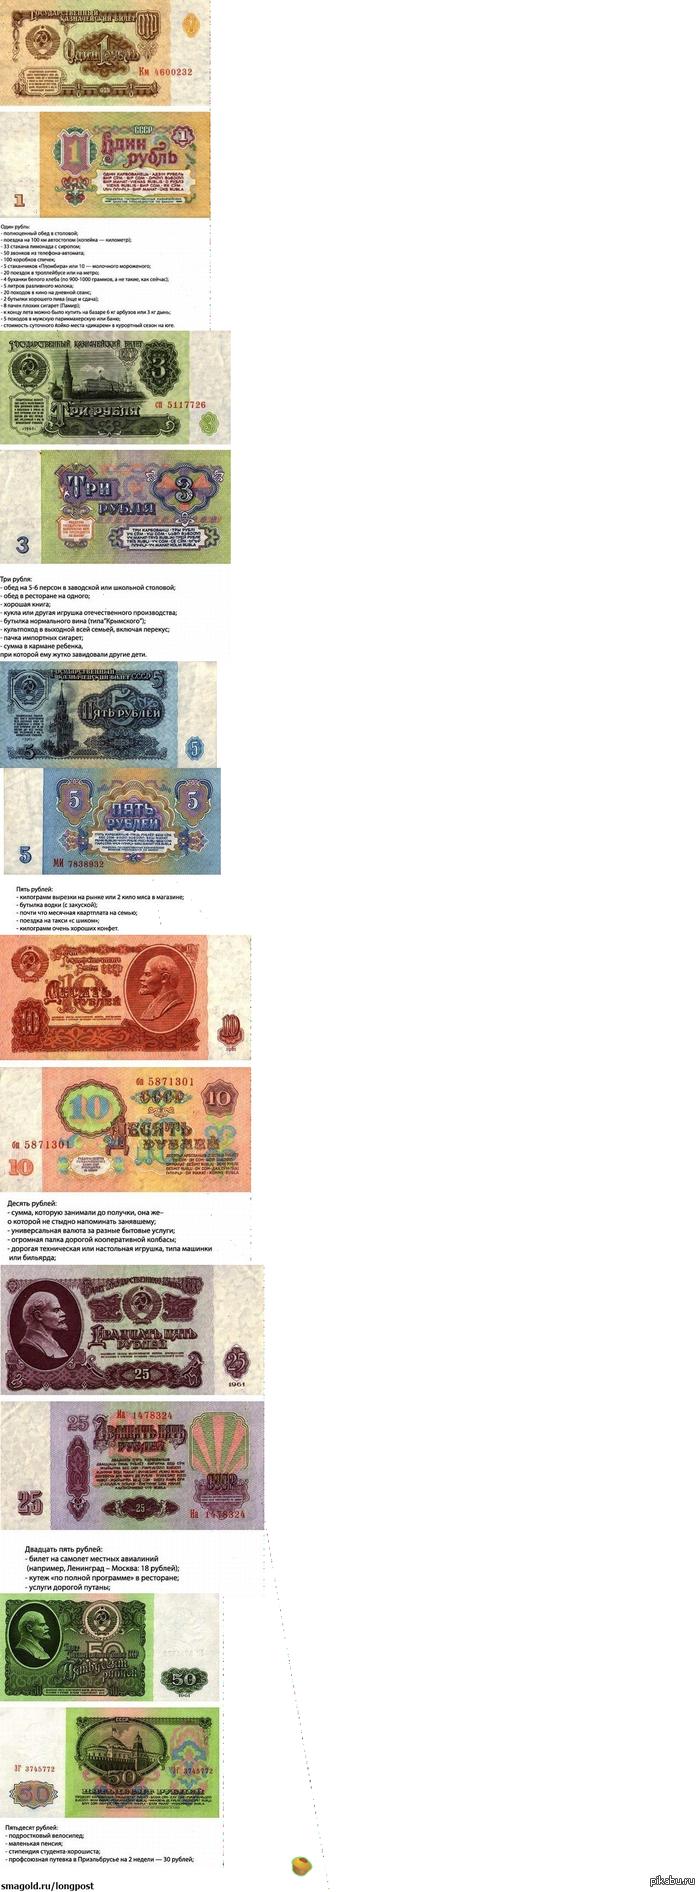 Давайте просто сравним относительную стоимость в СССР? Картинки, которые можно разглядеть, в комментах Студент хорошист на 2 стипендии мог слетать из Питера в Москву, там хорошо побухать, снять проститутку (причем дорогую=)) и улететь обратно в Питер на самолете.